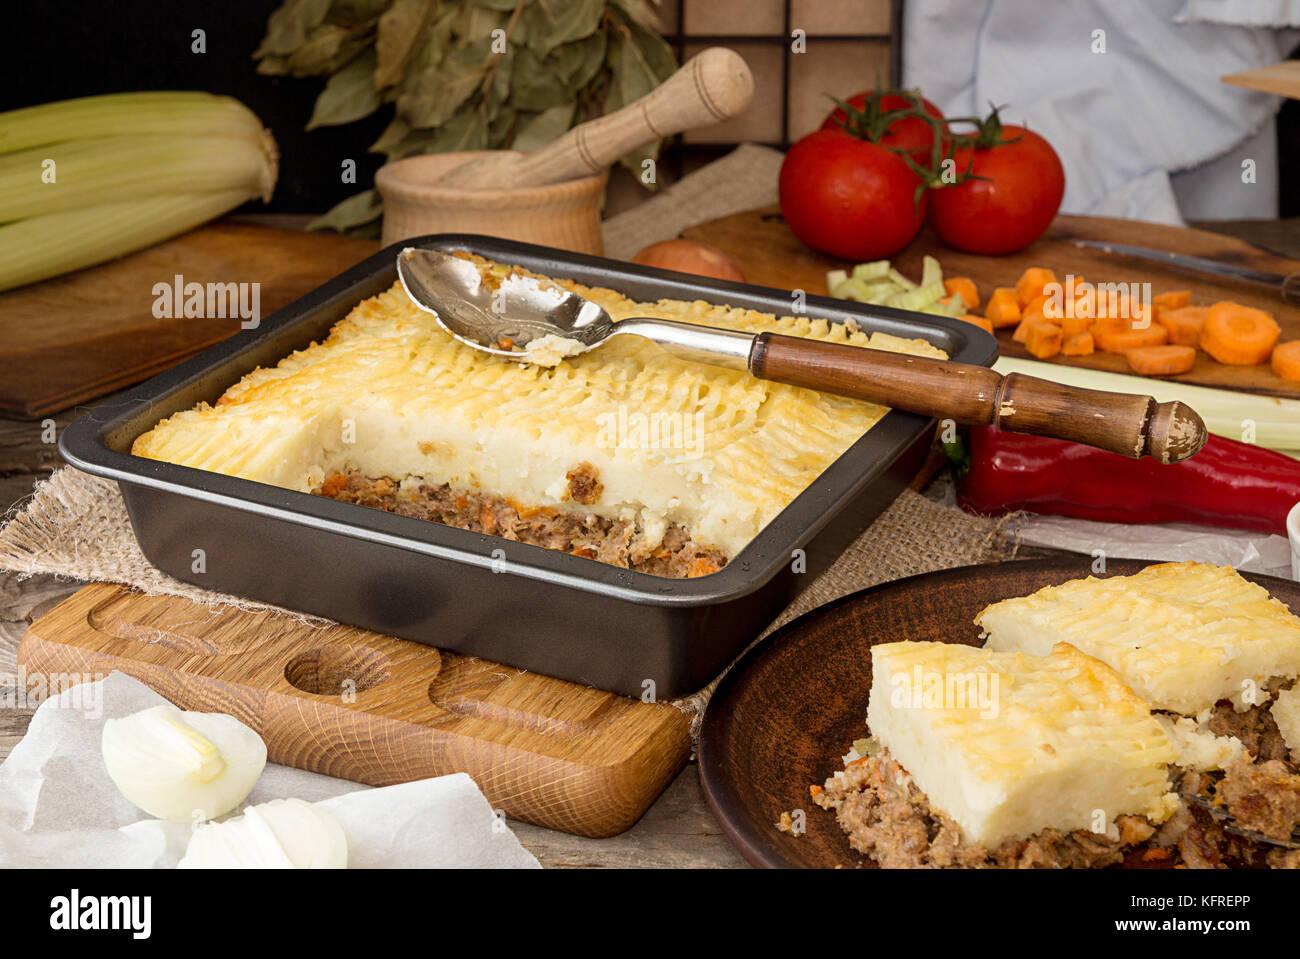 Ricette Cucina In Lingua Inglese | La Mia Torta Di Ricotta ...